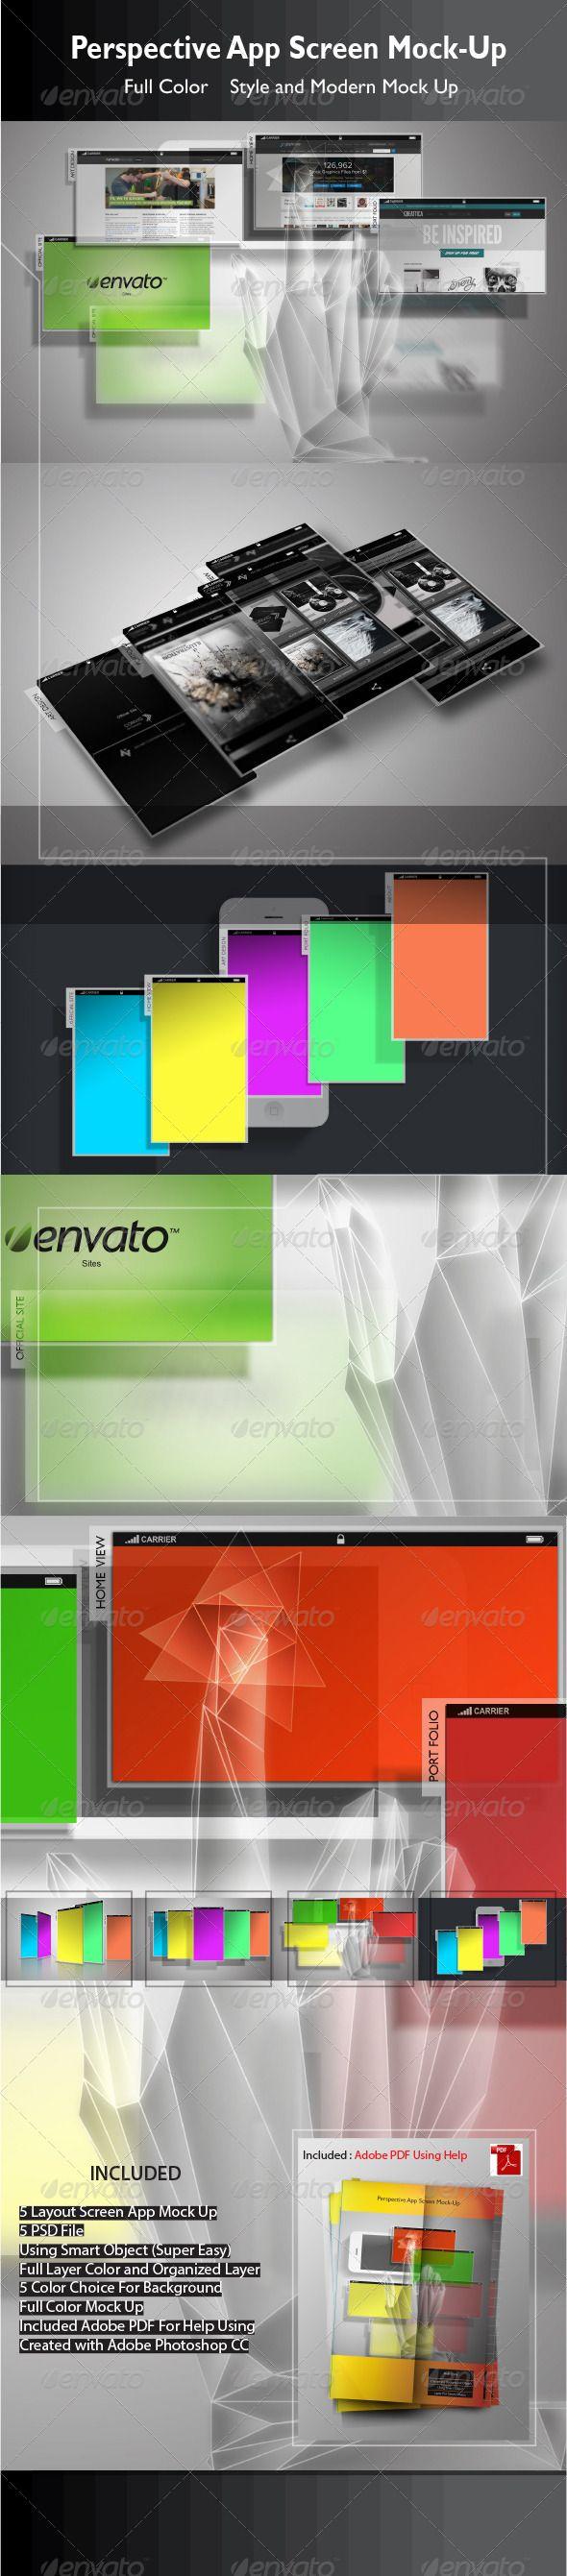 Perspective App Screen Mock-Up